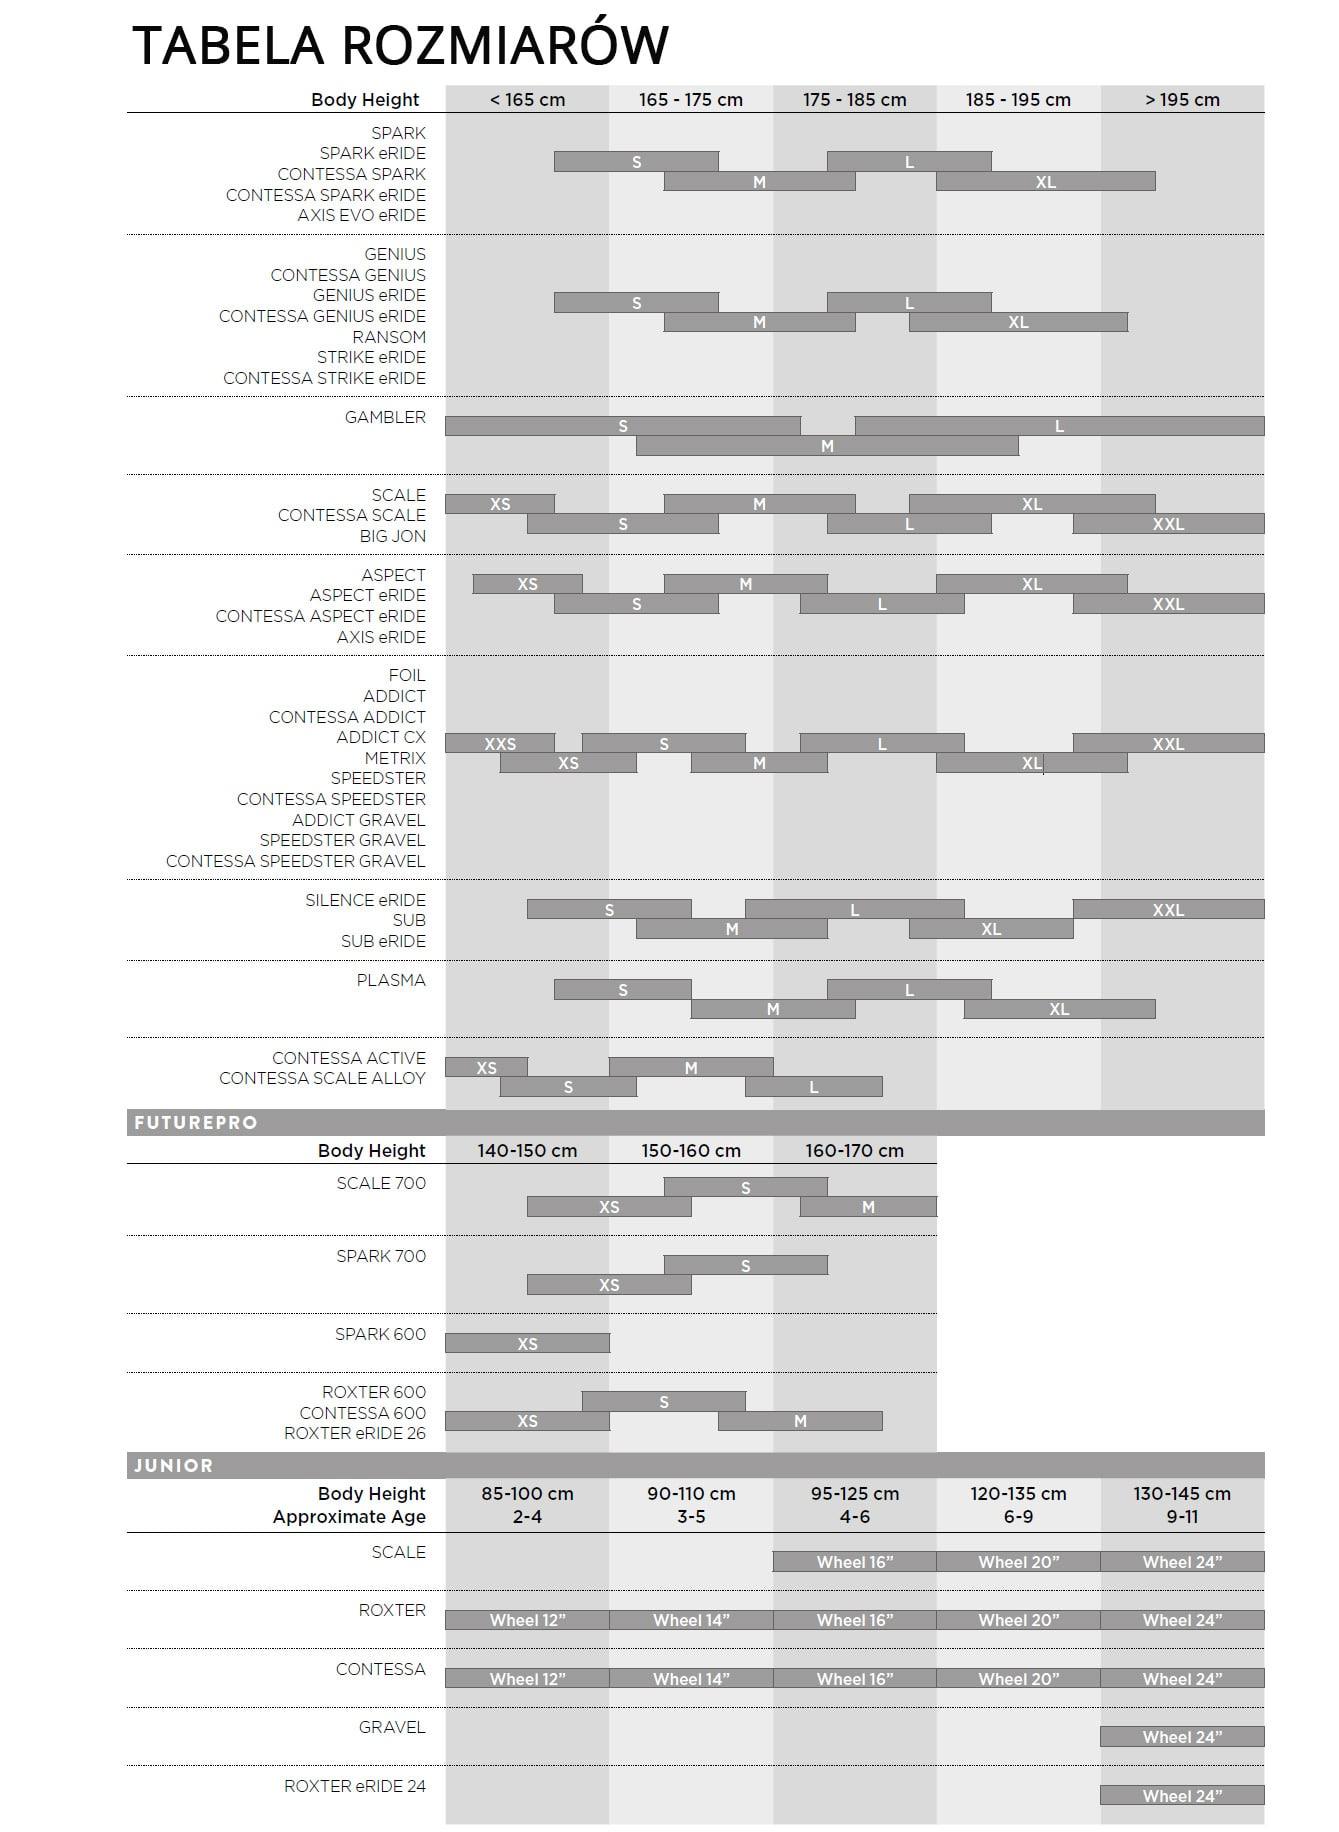 tabela_rozmiarow_rowery scott 2019